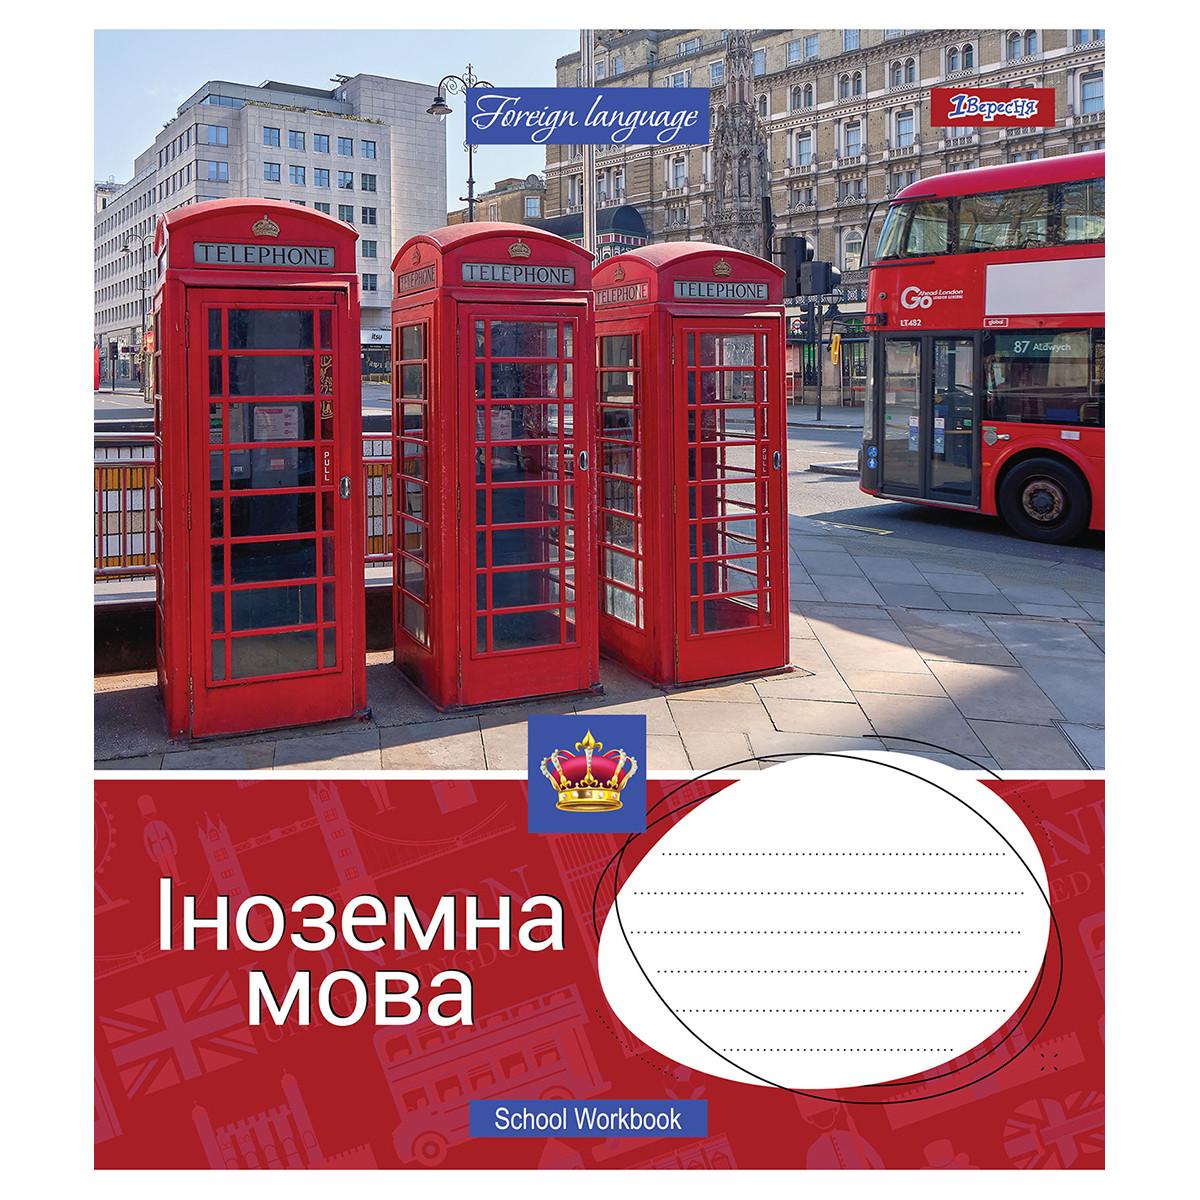 Зошит для записів А5/48 лін. 1В АНГЛІЙСЬКА МОВА (Workbook) виб.гібрід.лак